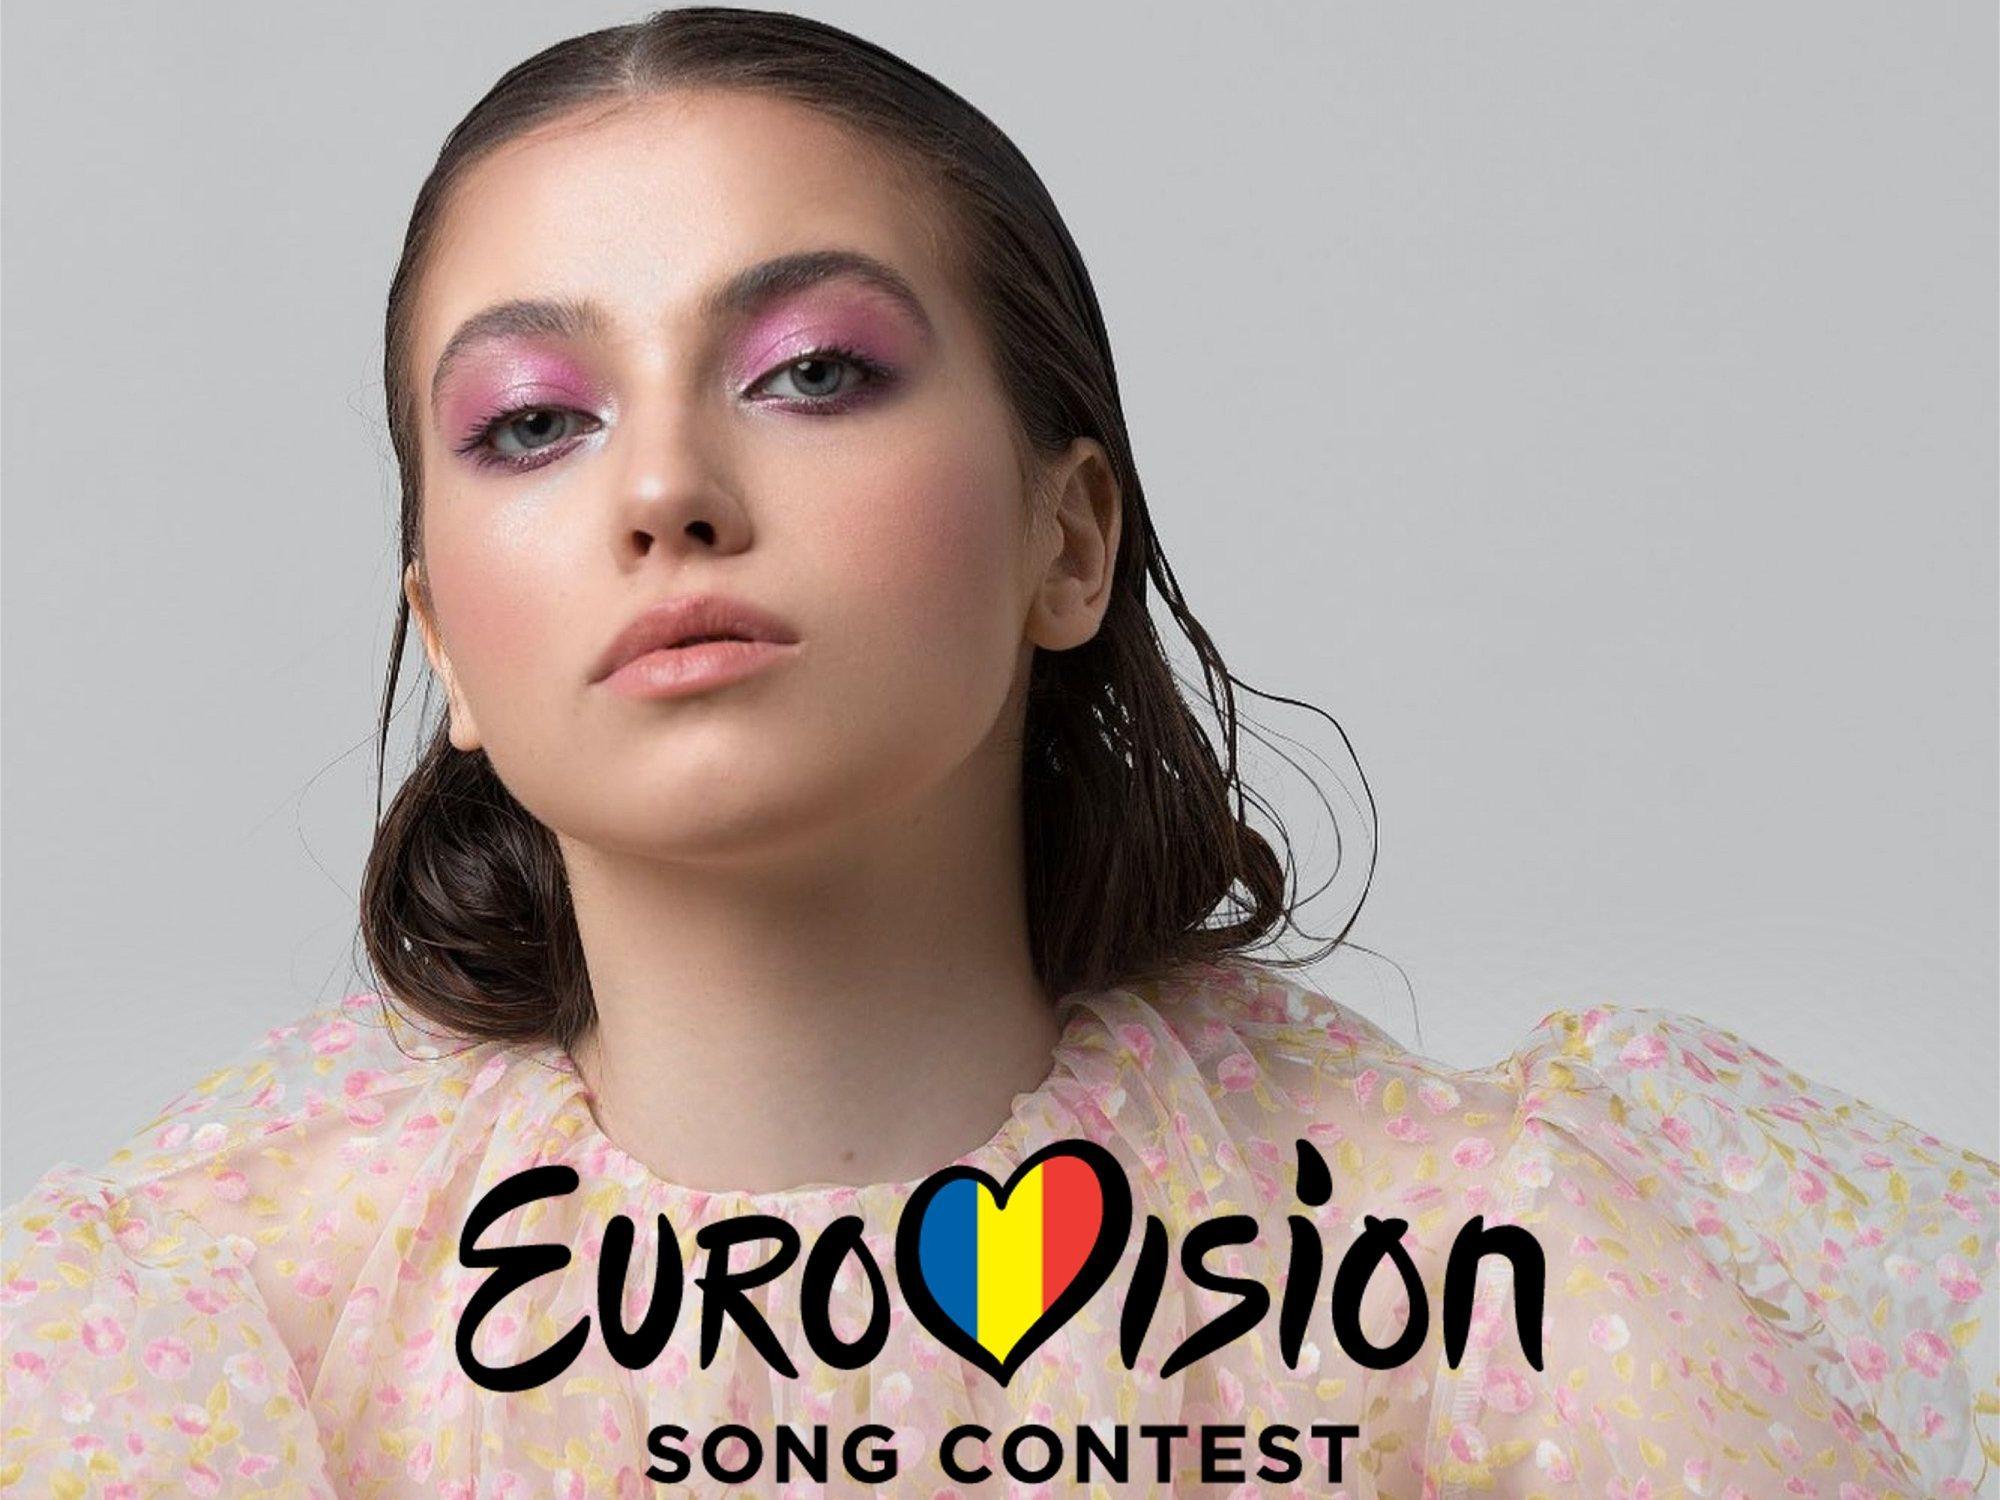 Roxen representará a Rumanía en Eurovisión 2020 tras su primera selección interna